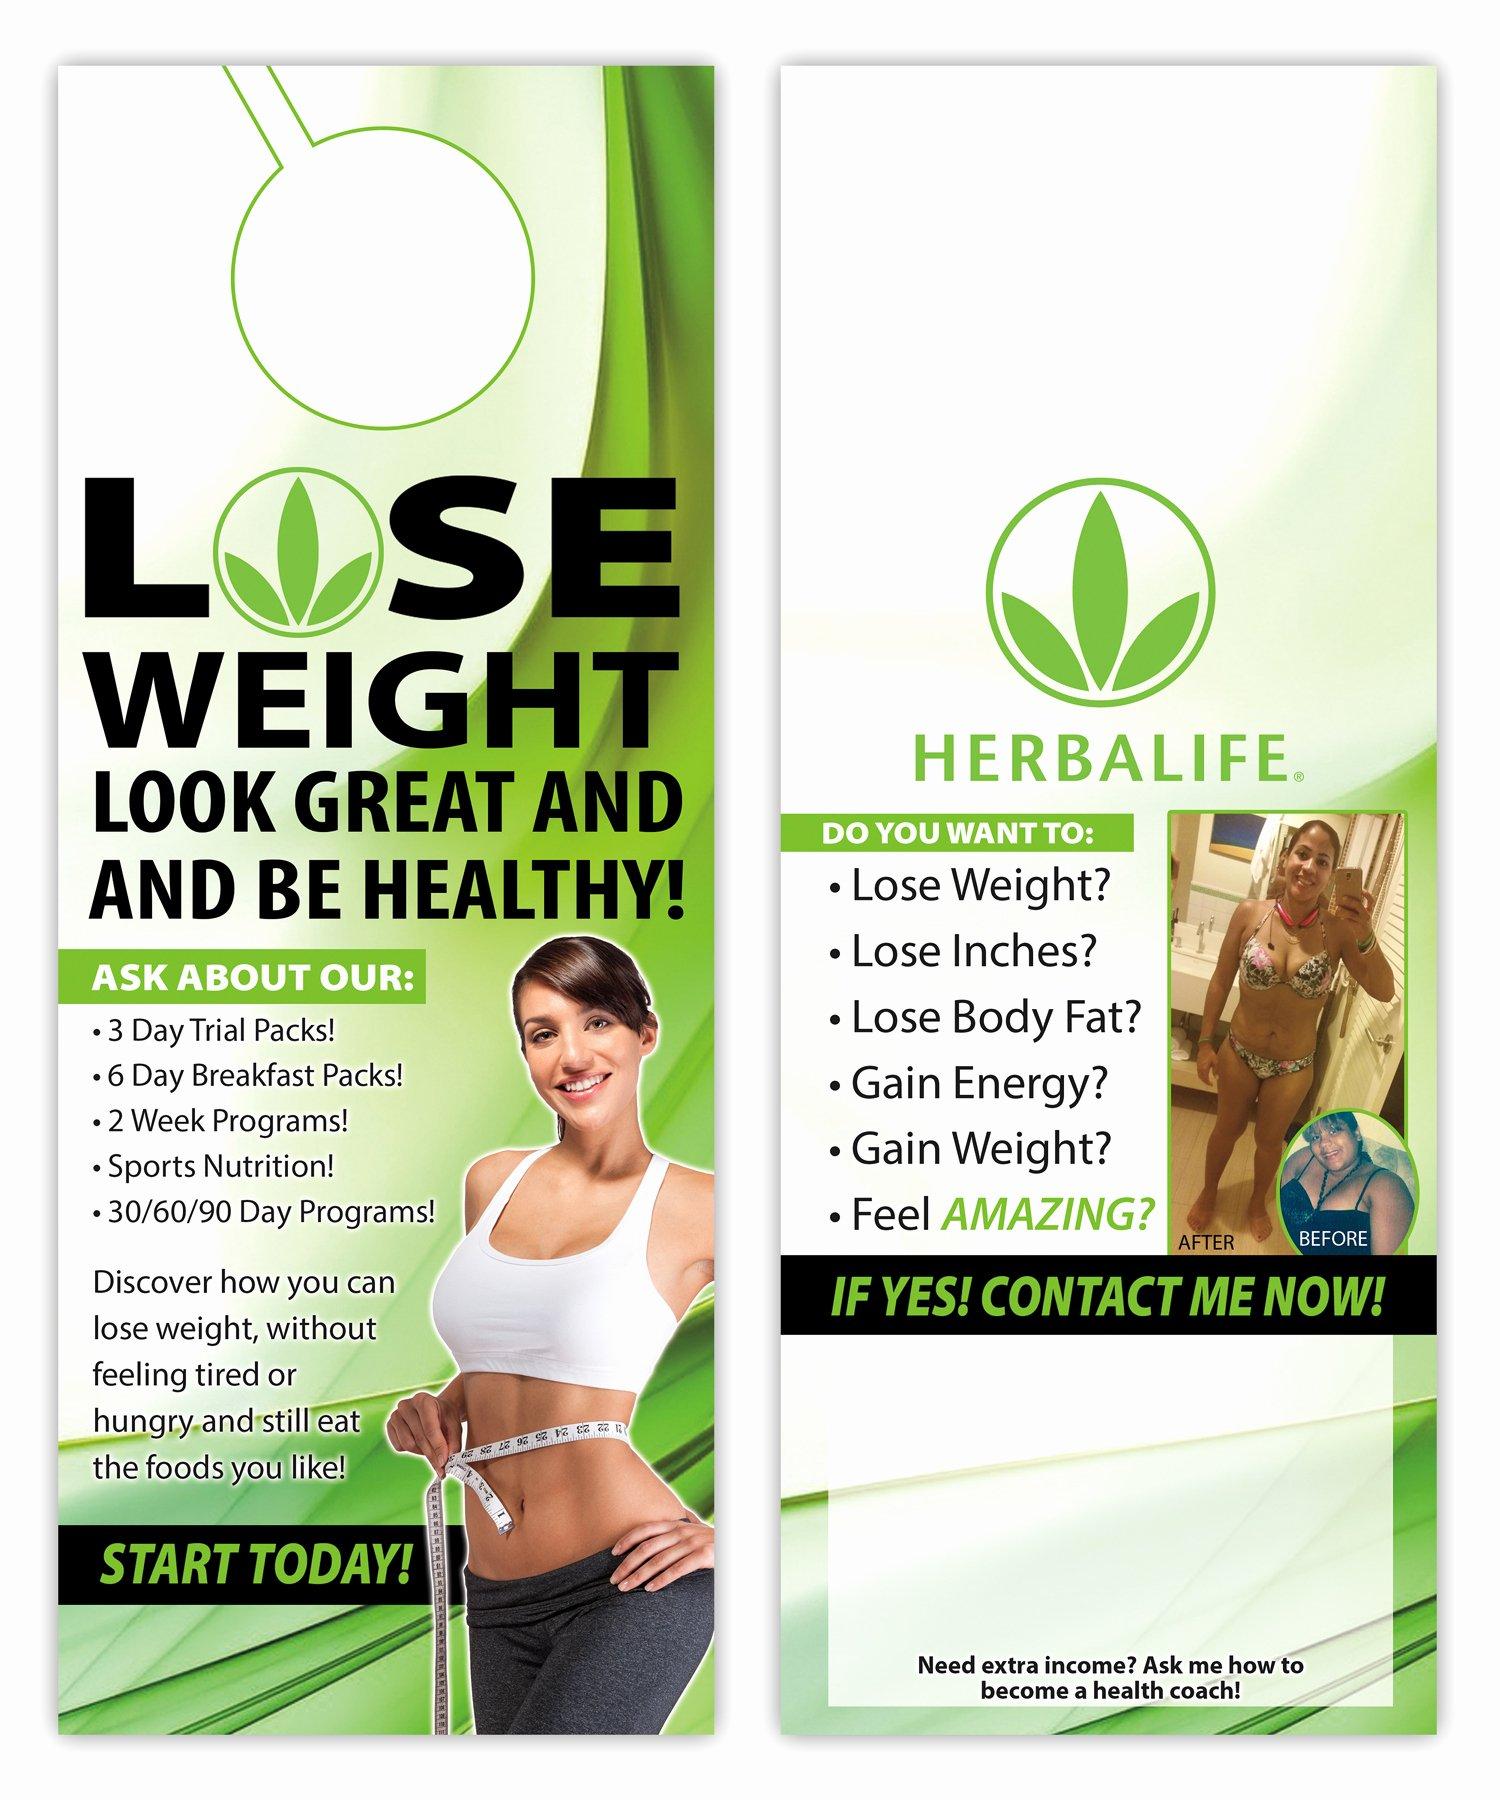 Herbalife Flyers Template Best Of Herbalife Door Hanger 4 5x11 2 Sided · Kz Creative